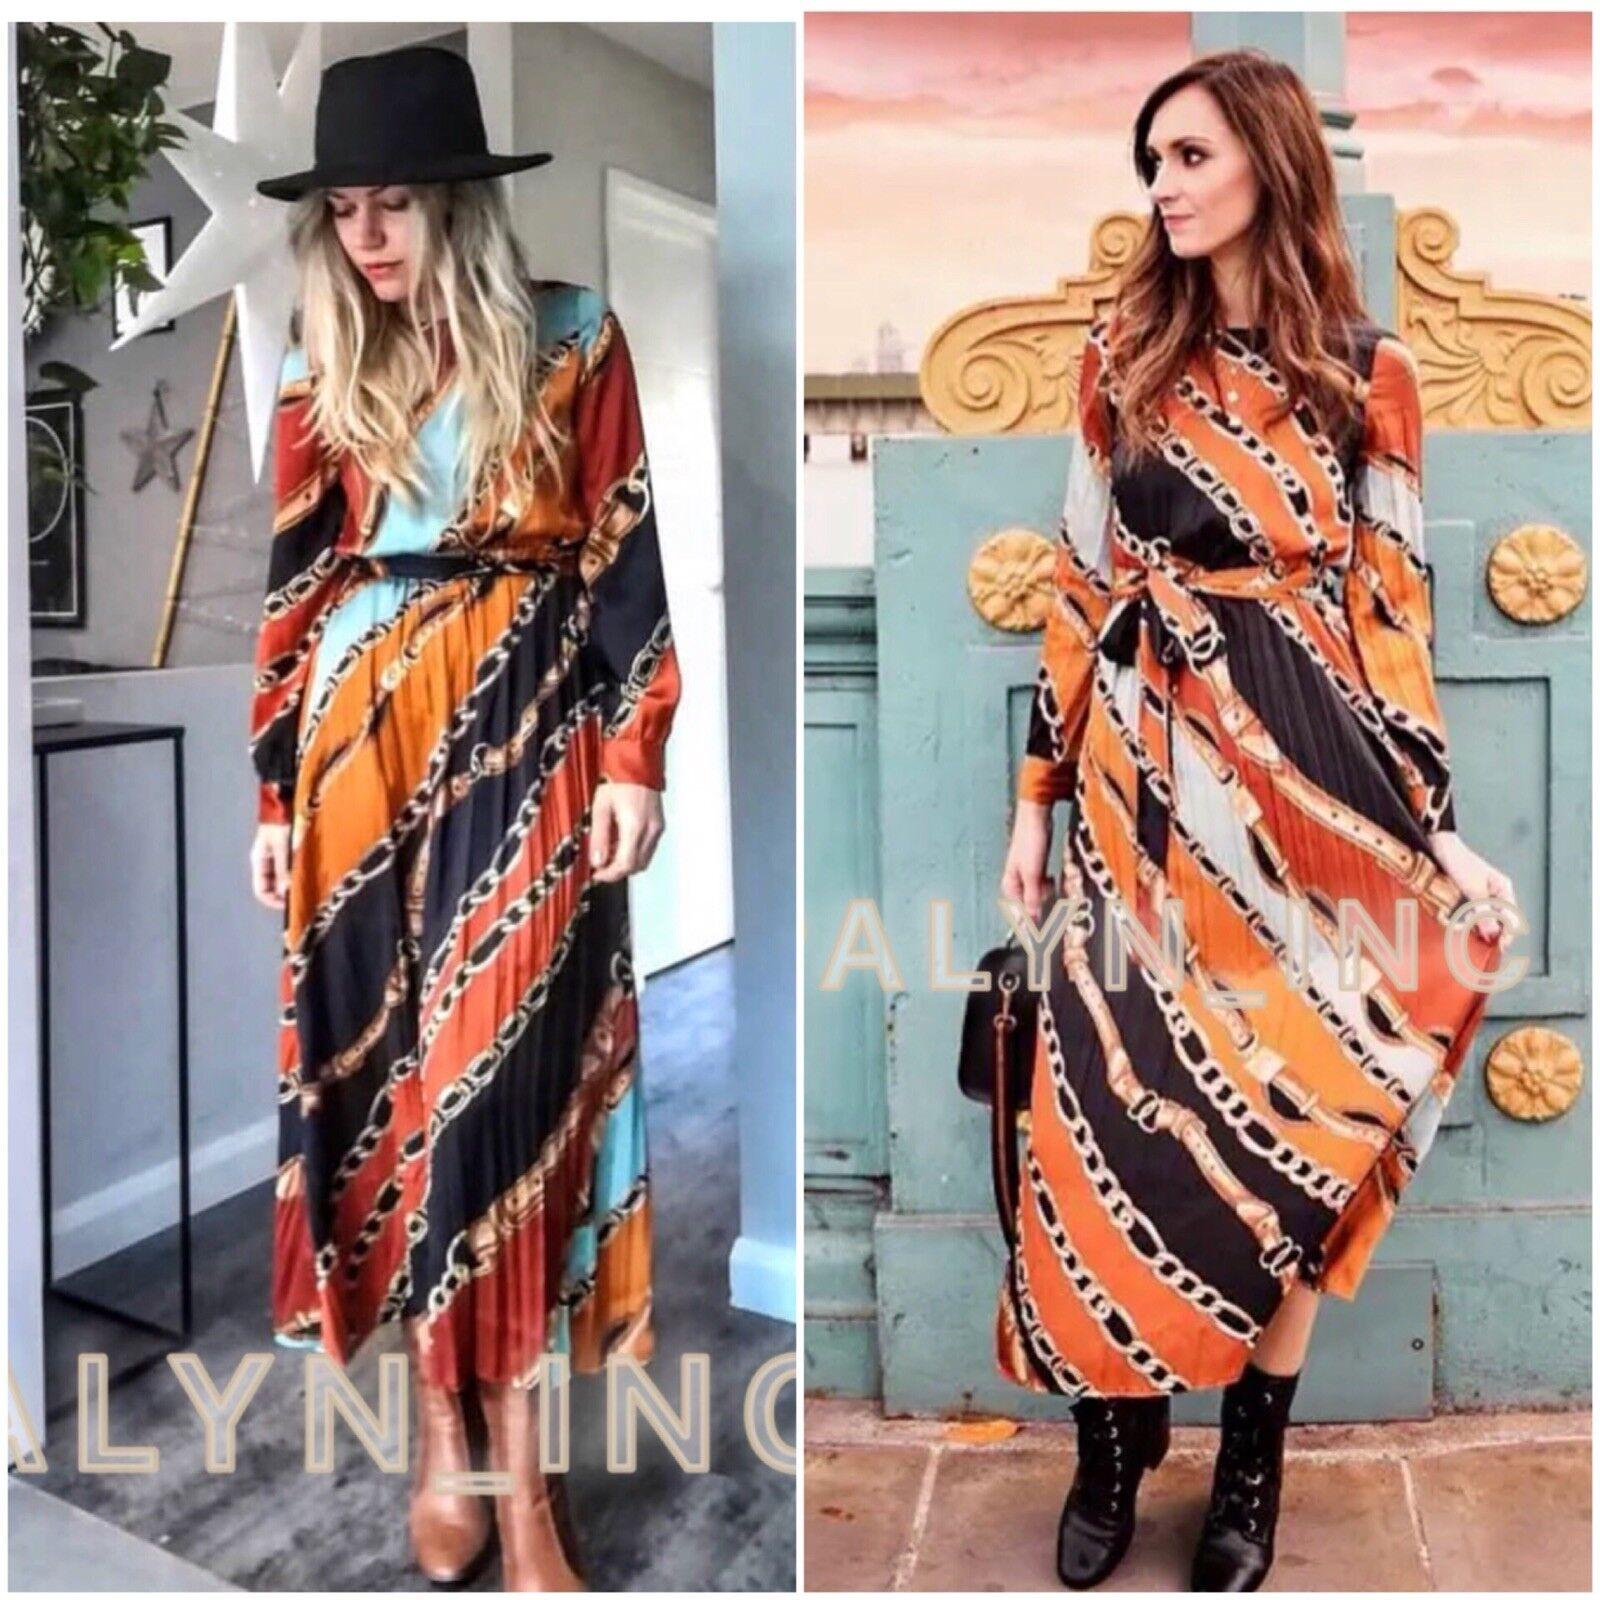 Nwt Zara Aw18 Plissiert Rundhals Kette Bedruckt Midi Kleid mit   Gürtel 8527 433